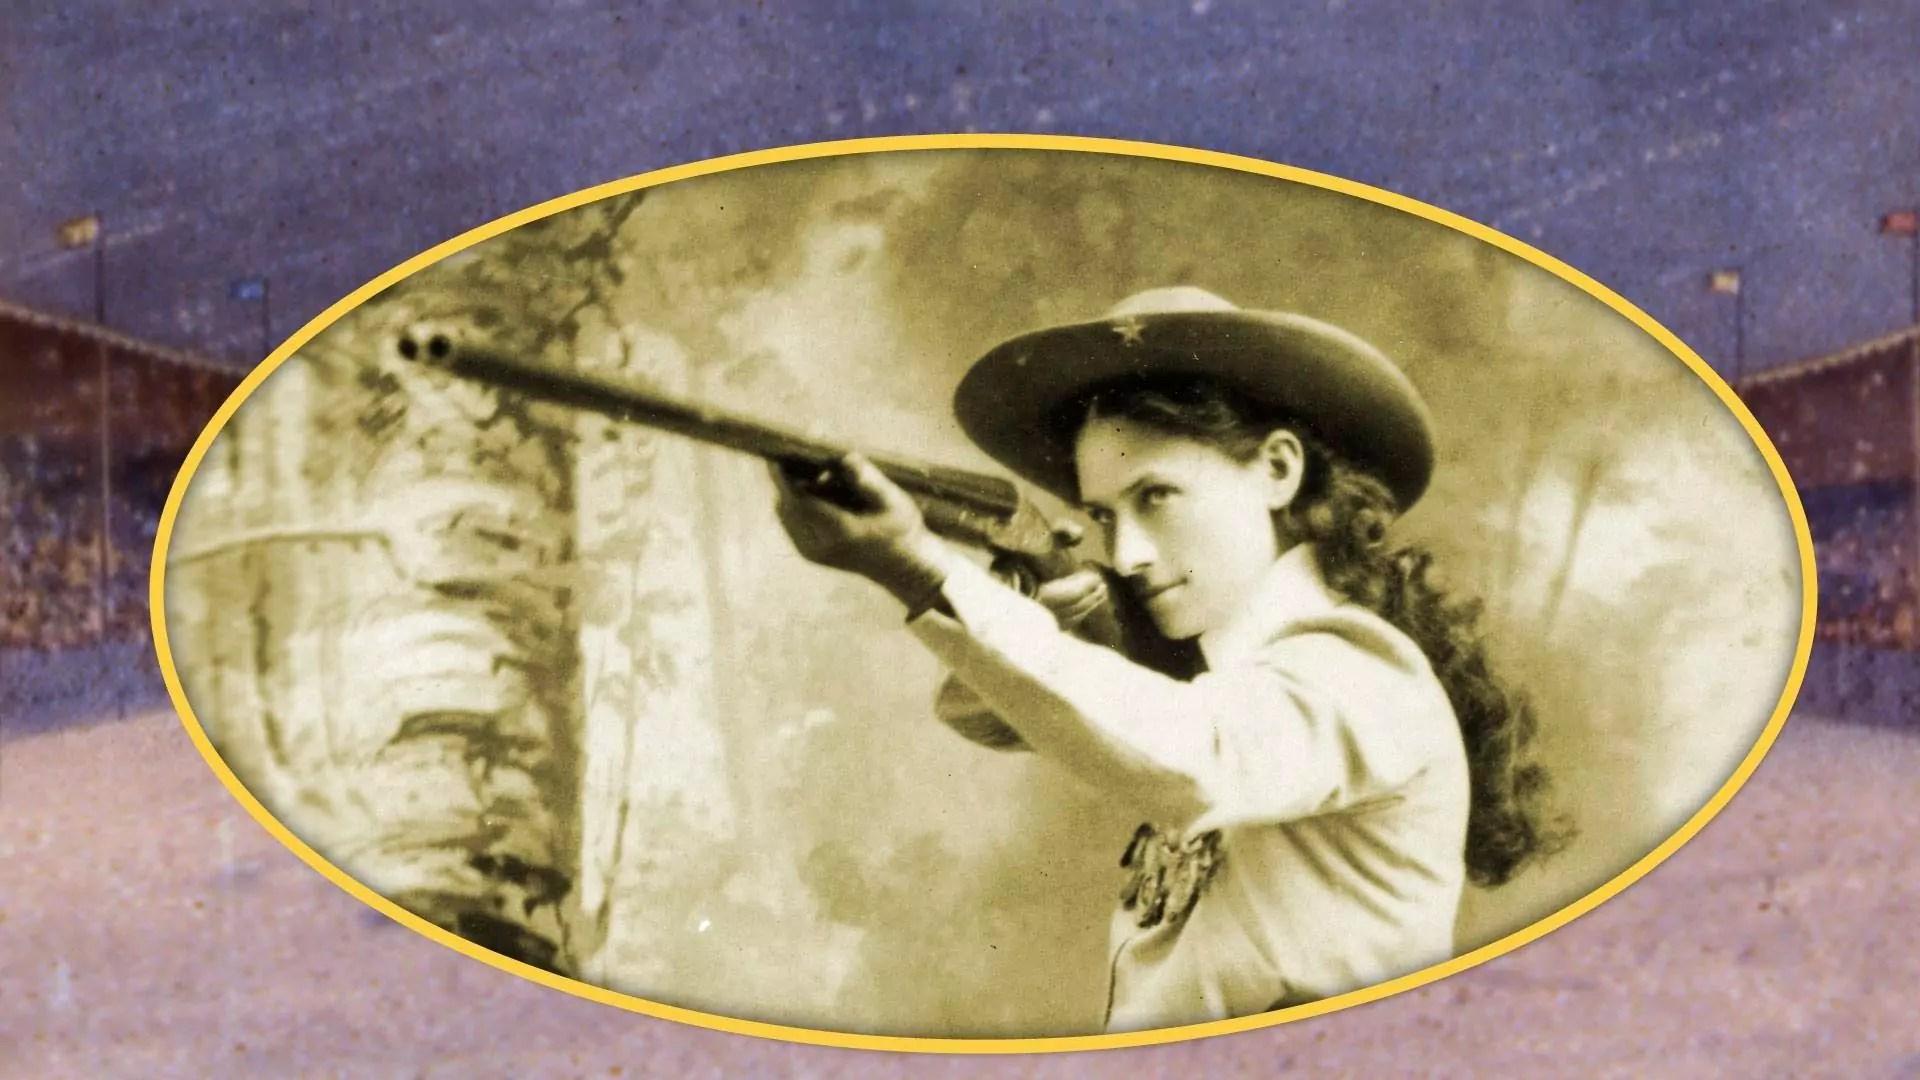 Annie Oakley shooting a rifle.